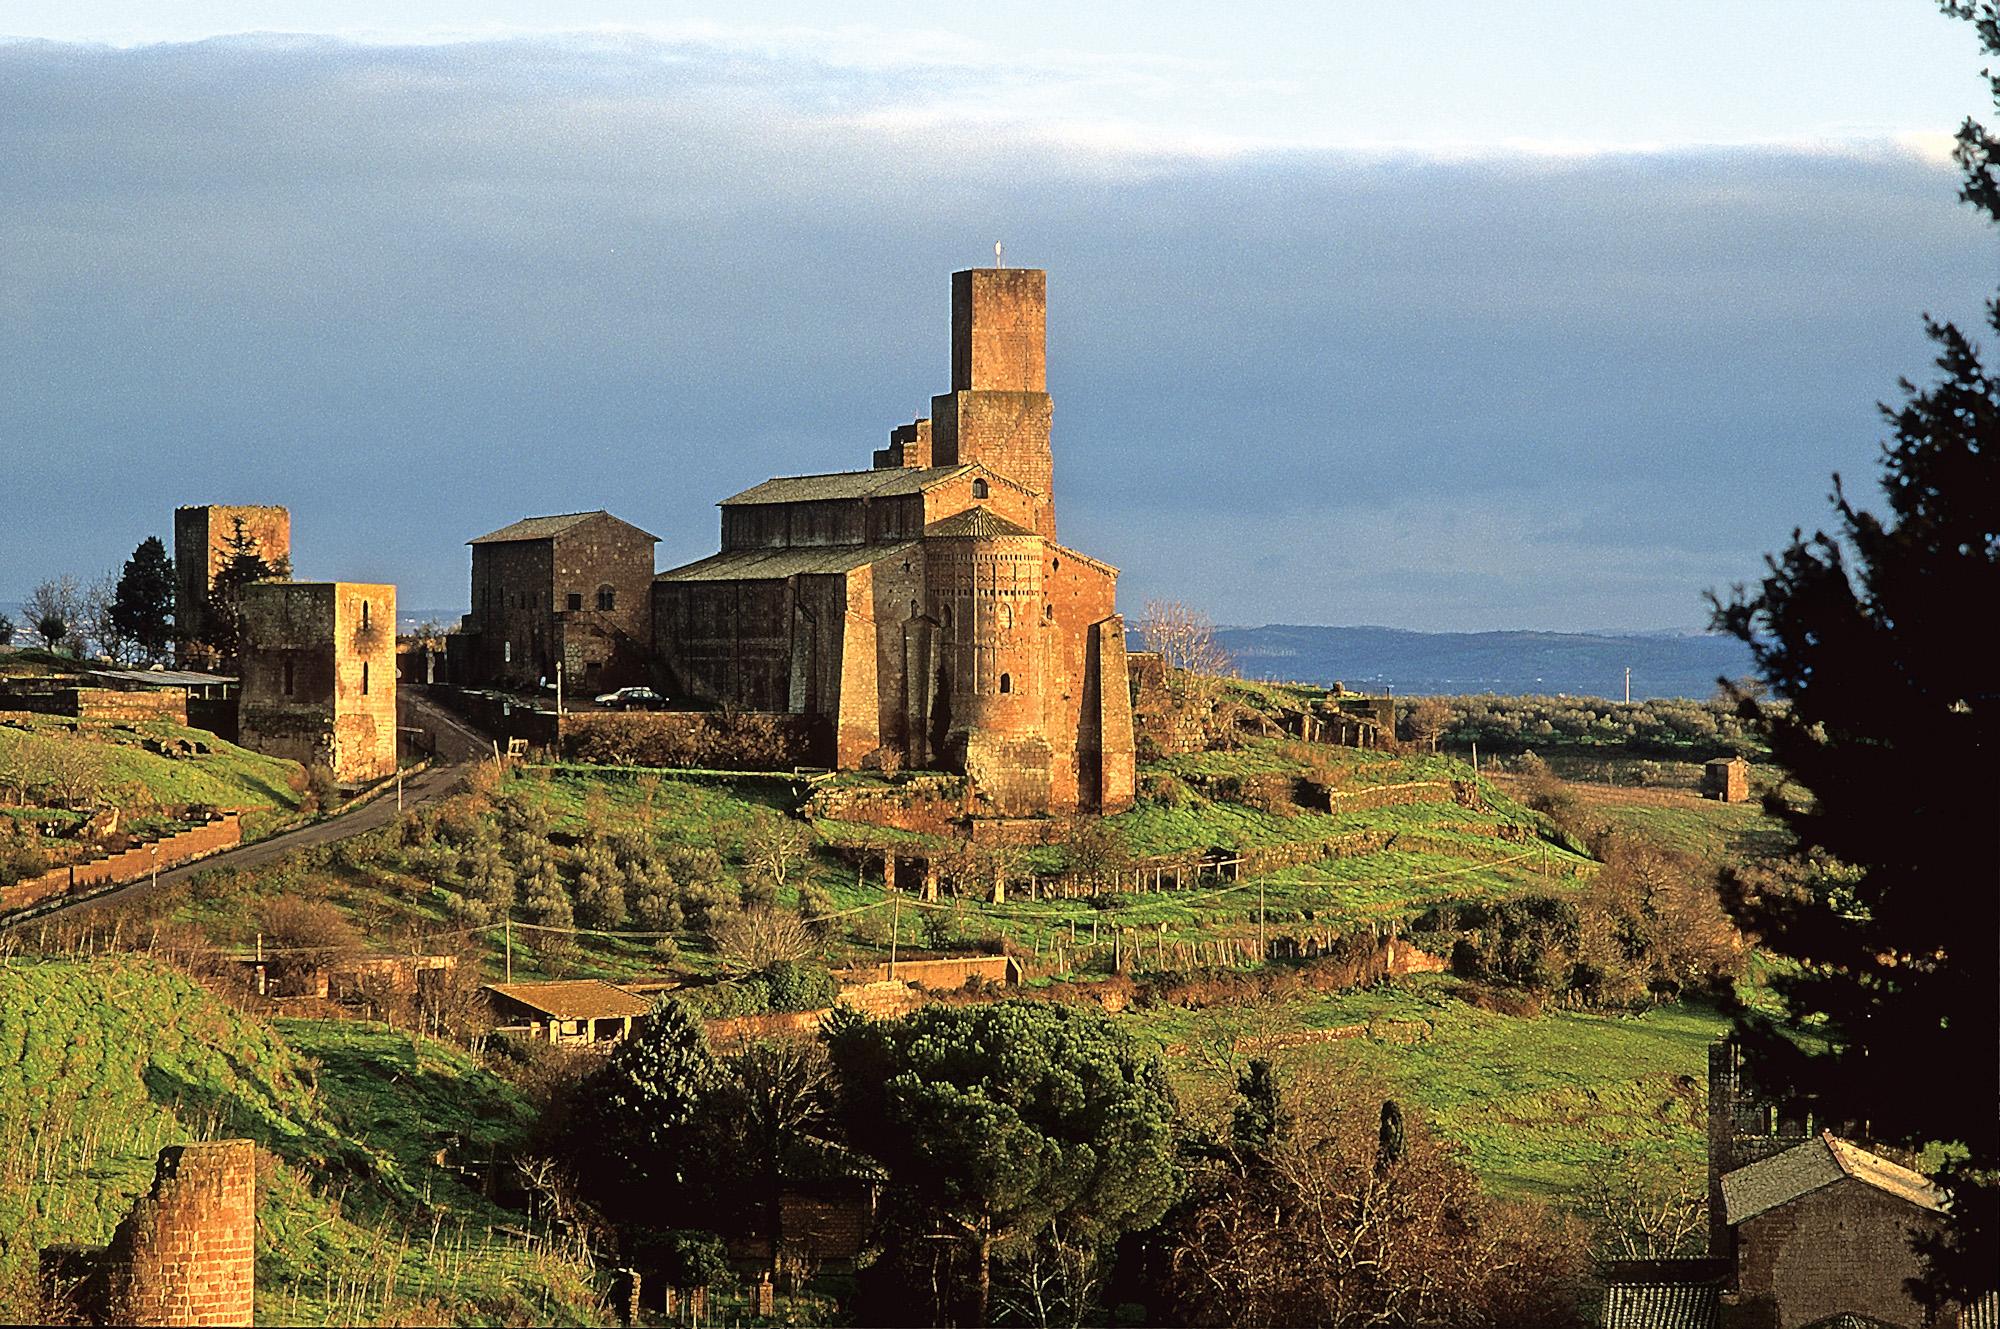 chies-di-san-pietro-tuscania